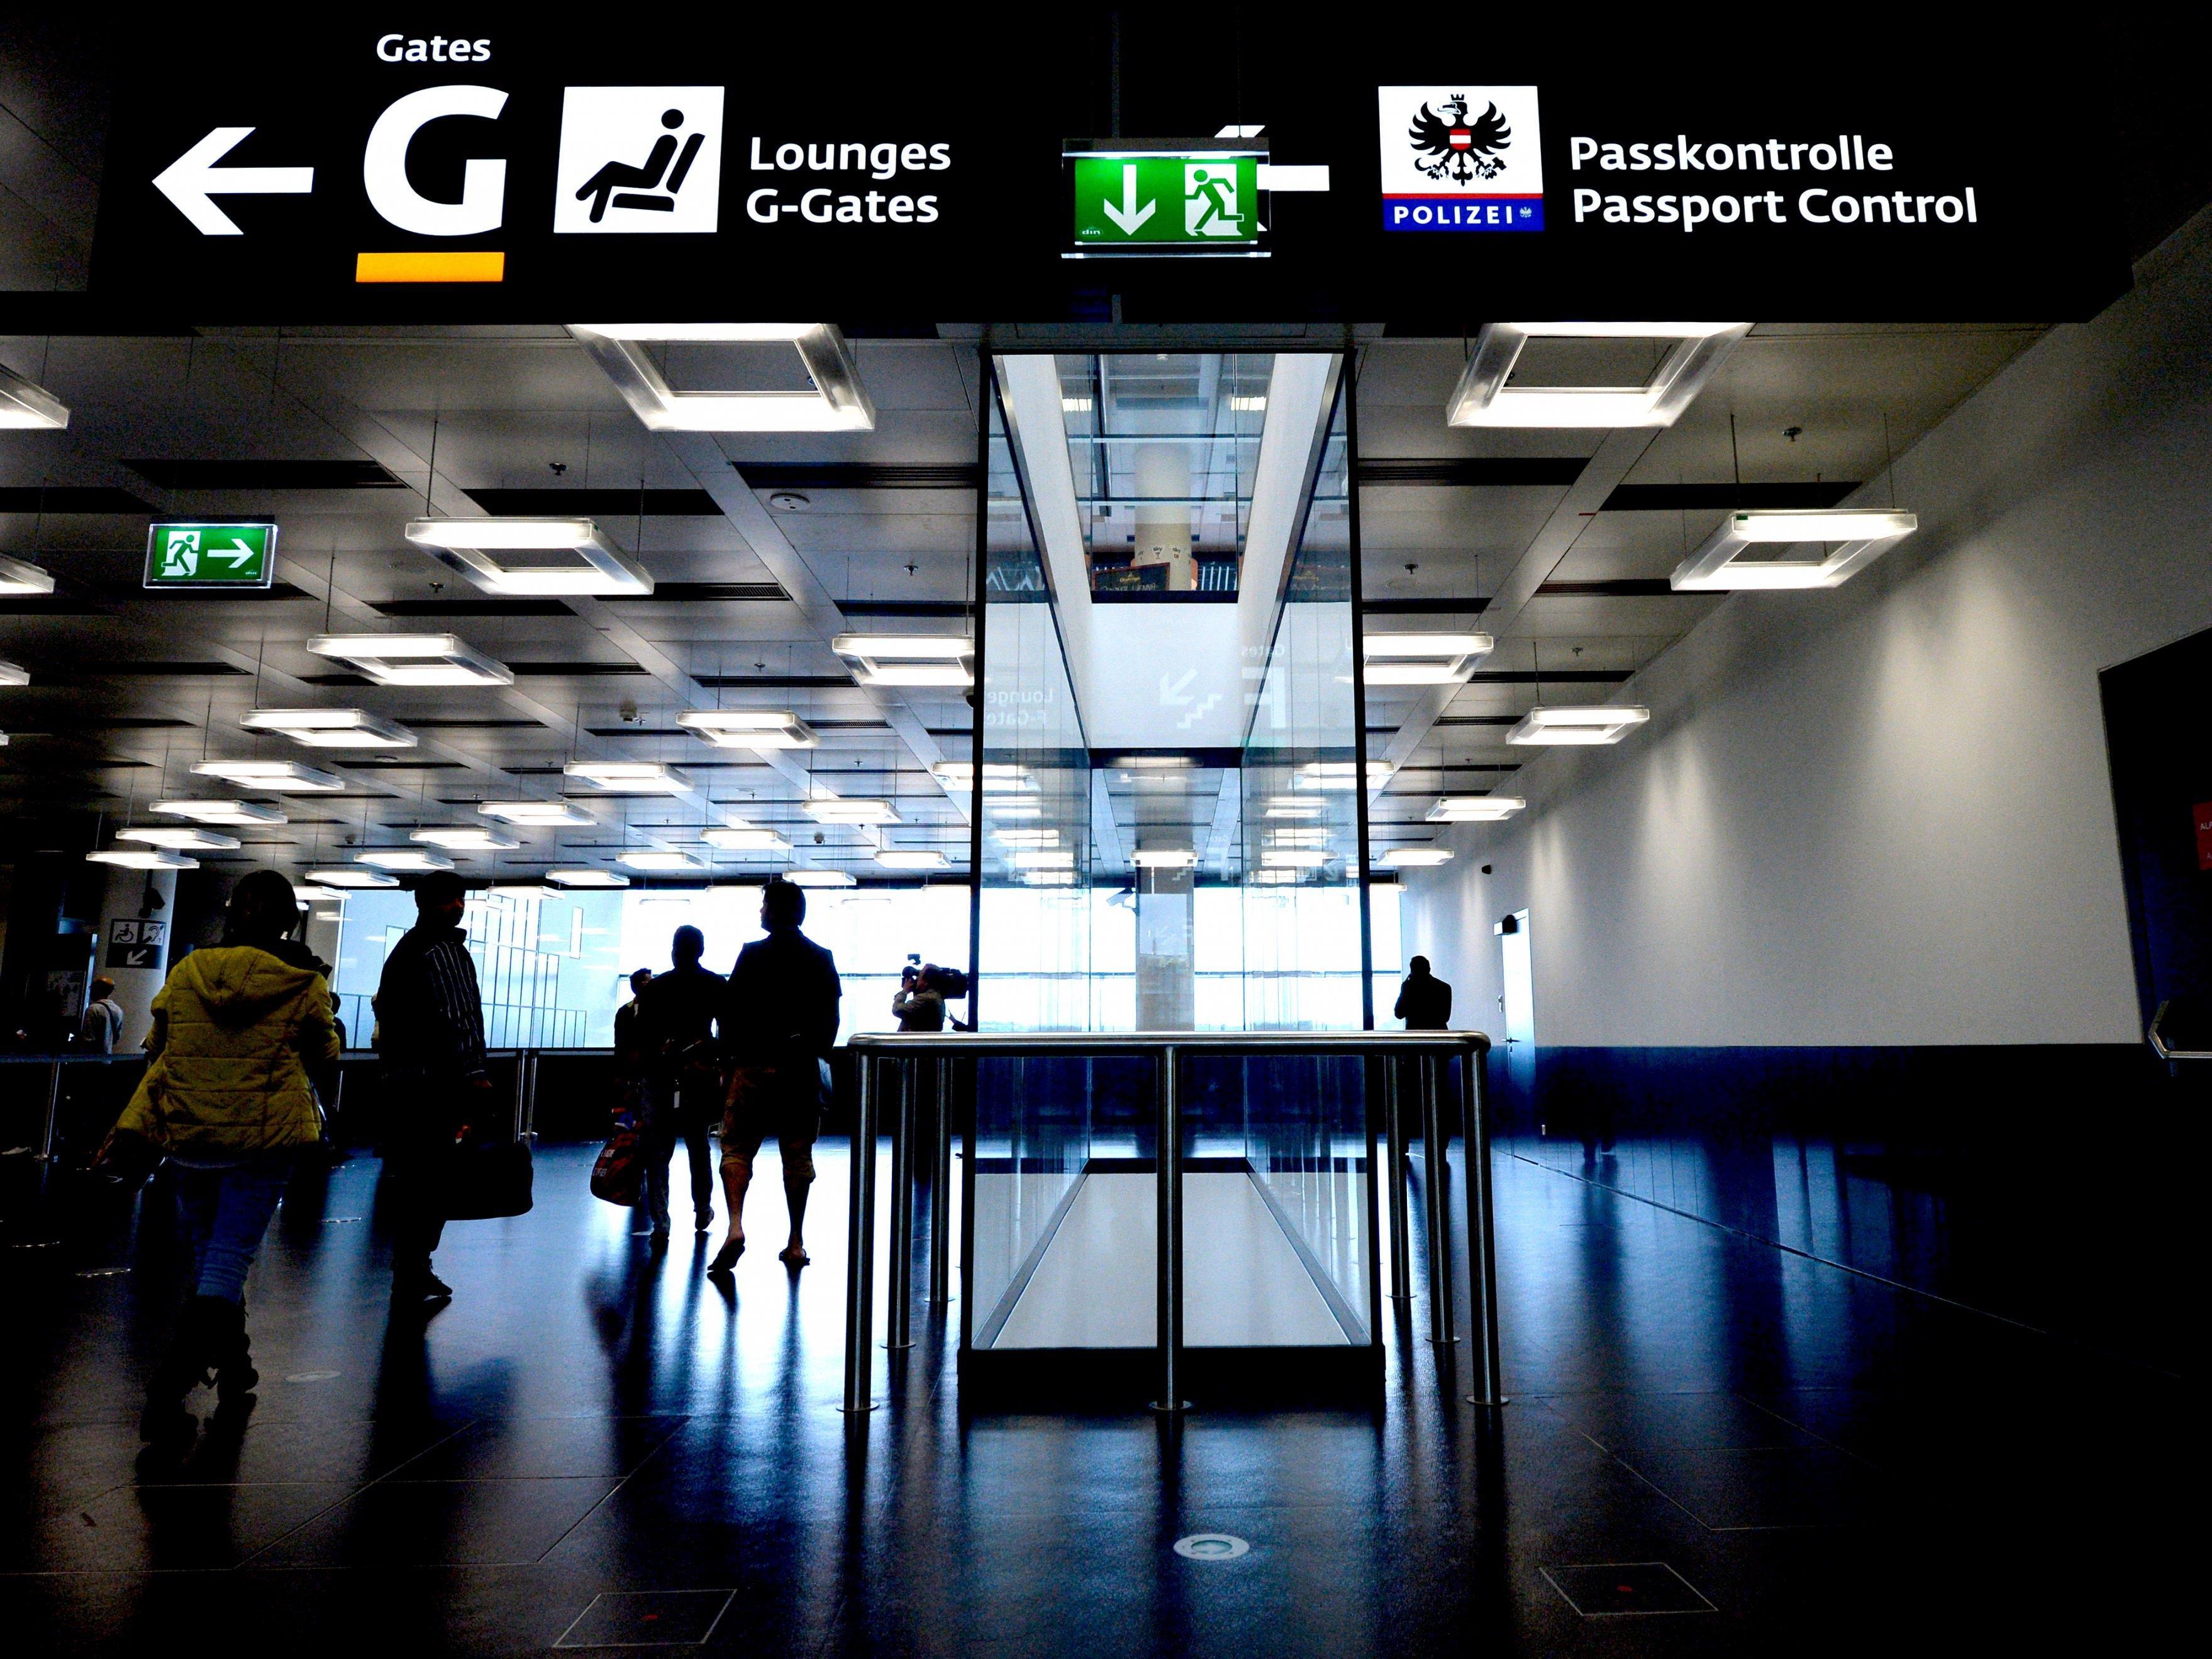 Ein Flug von Wien nach London wurde nach dem Alarm einer Passagierin gestoppt.